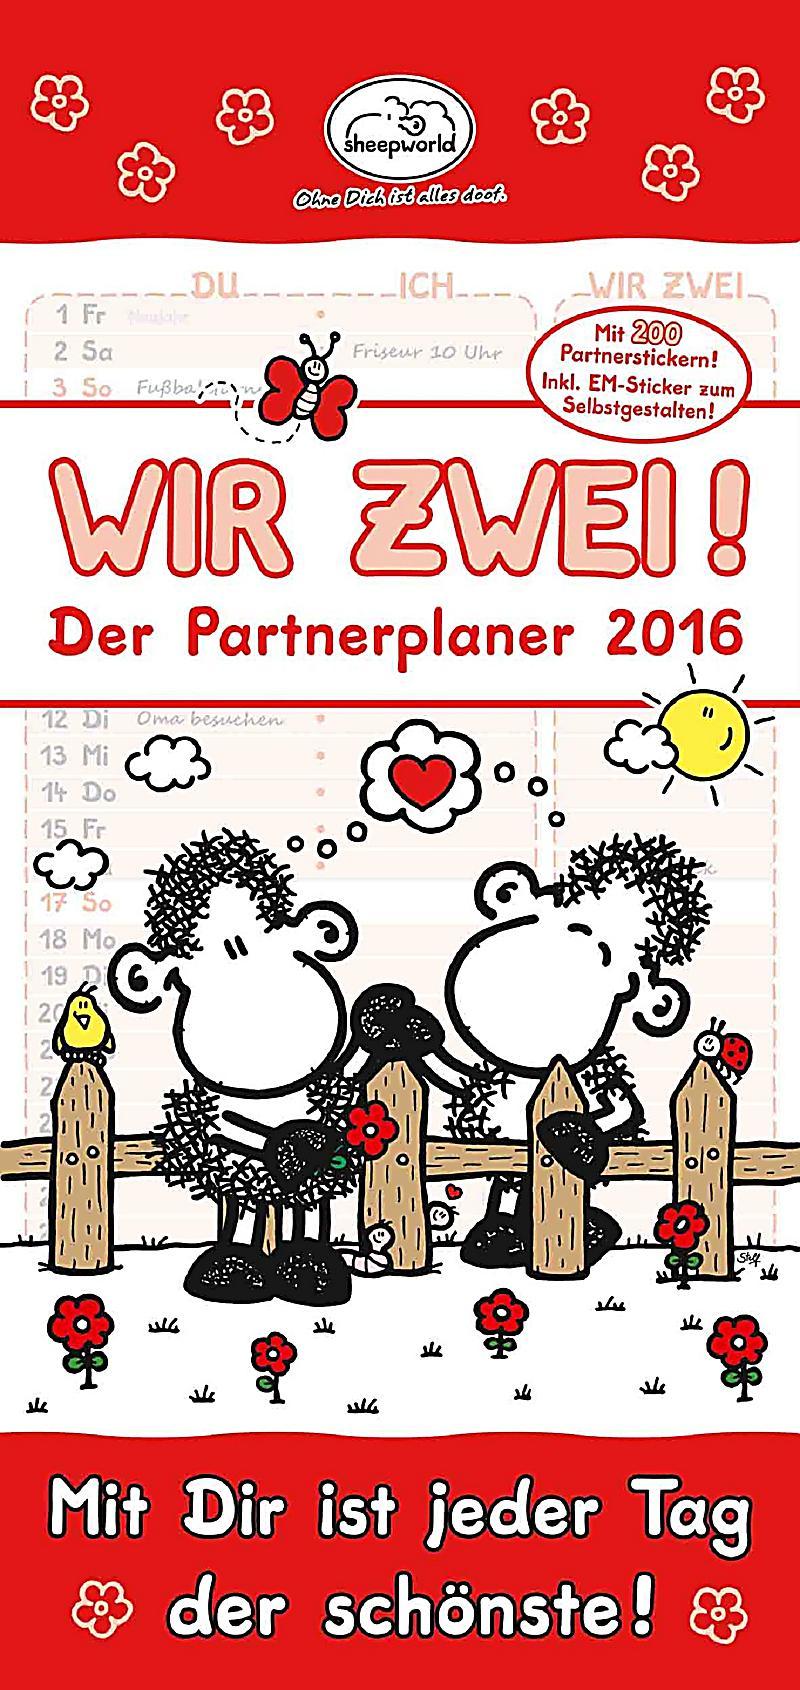 Wir zwei bewertung partnervermittlung ♥ Partnervermittlungen im Härte-Vergleich ♥ -